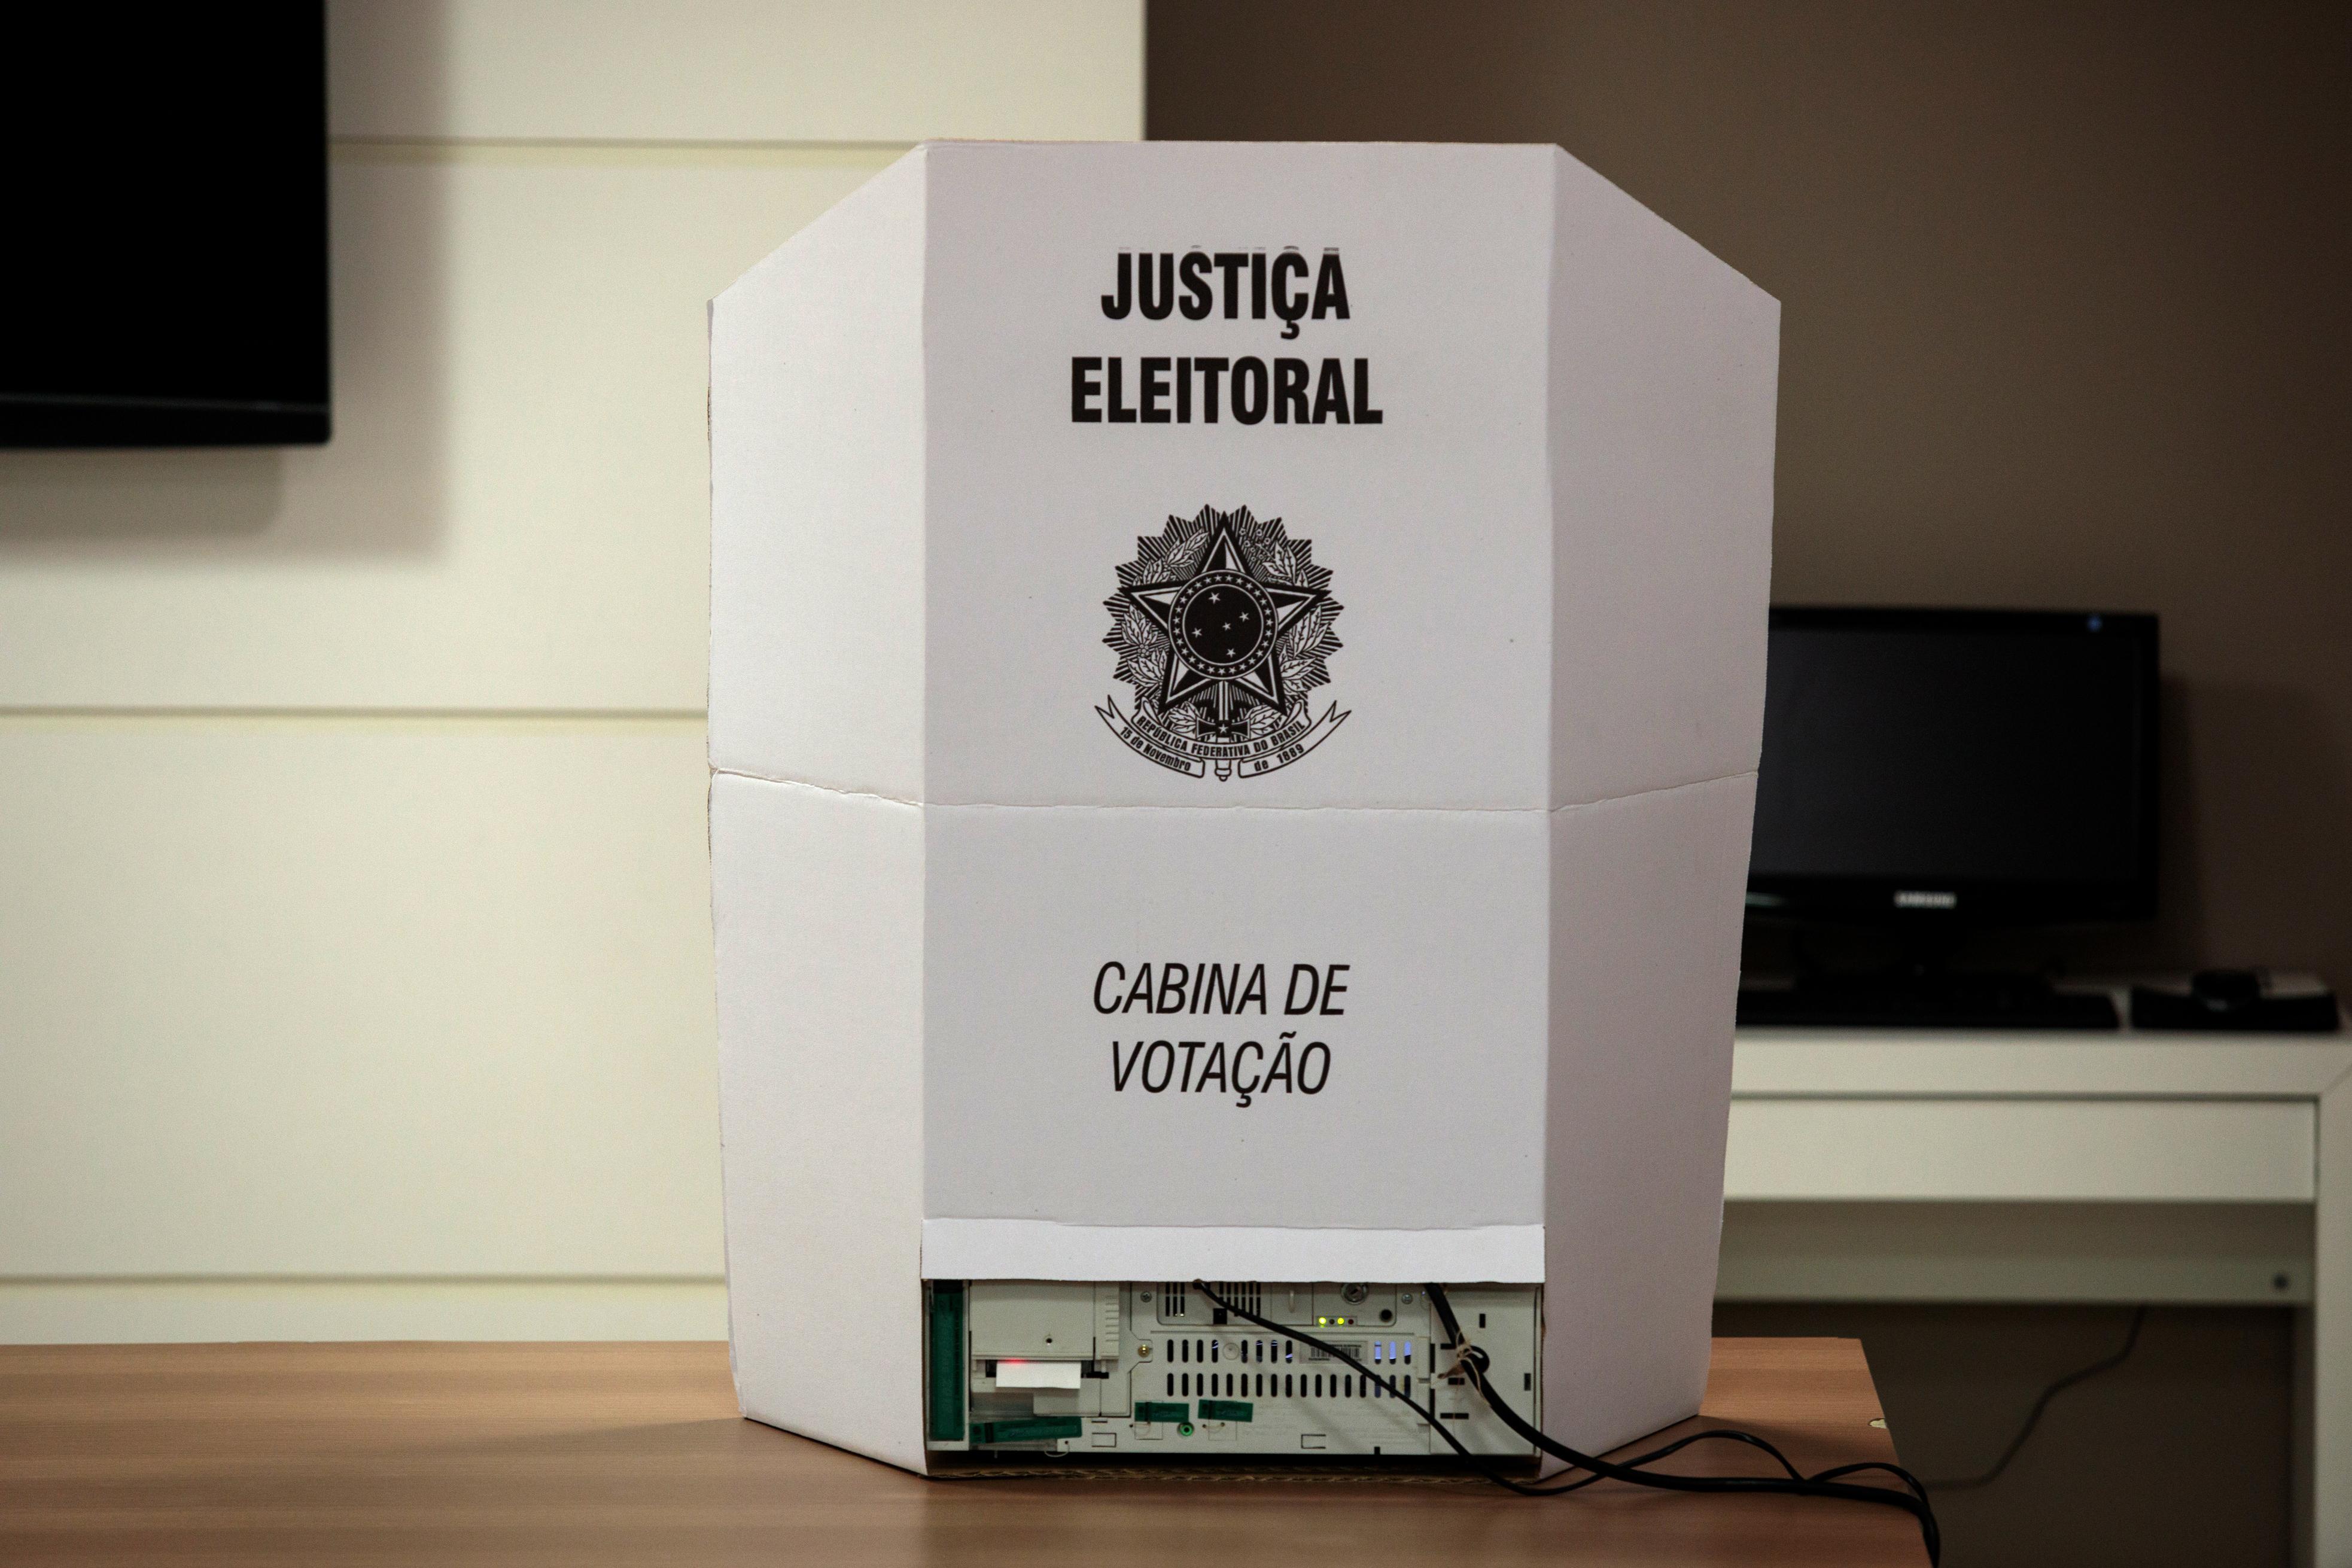 SEGUNDO TURNO – Eleições estaduais pesam na escolha dos partidos por neutralidade